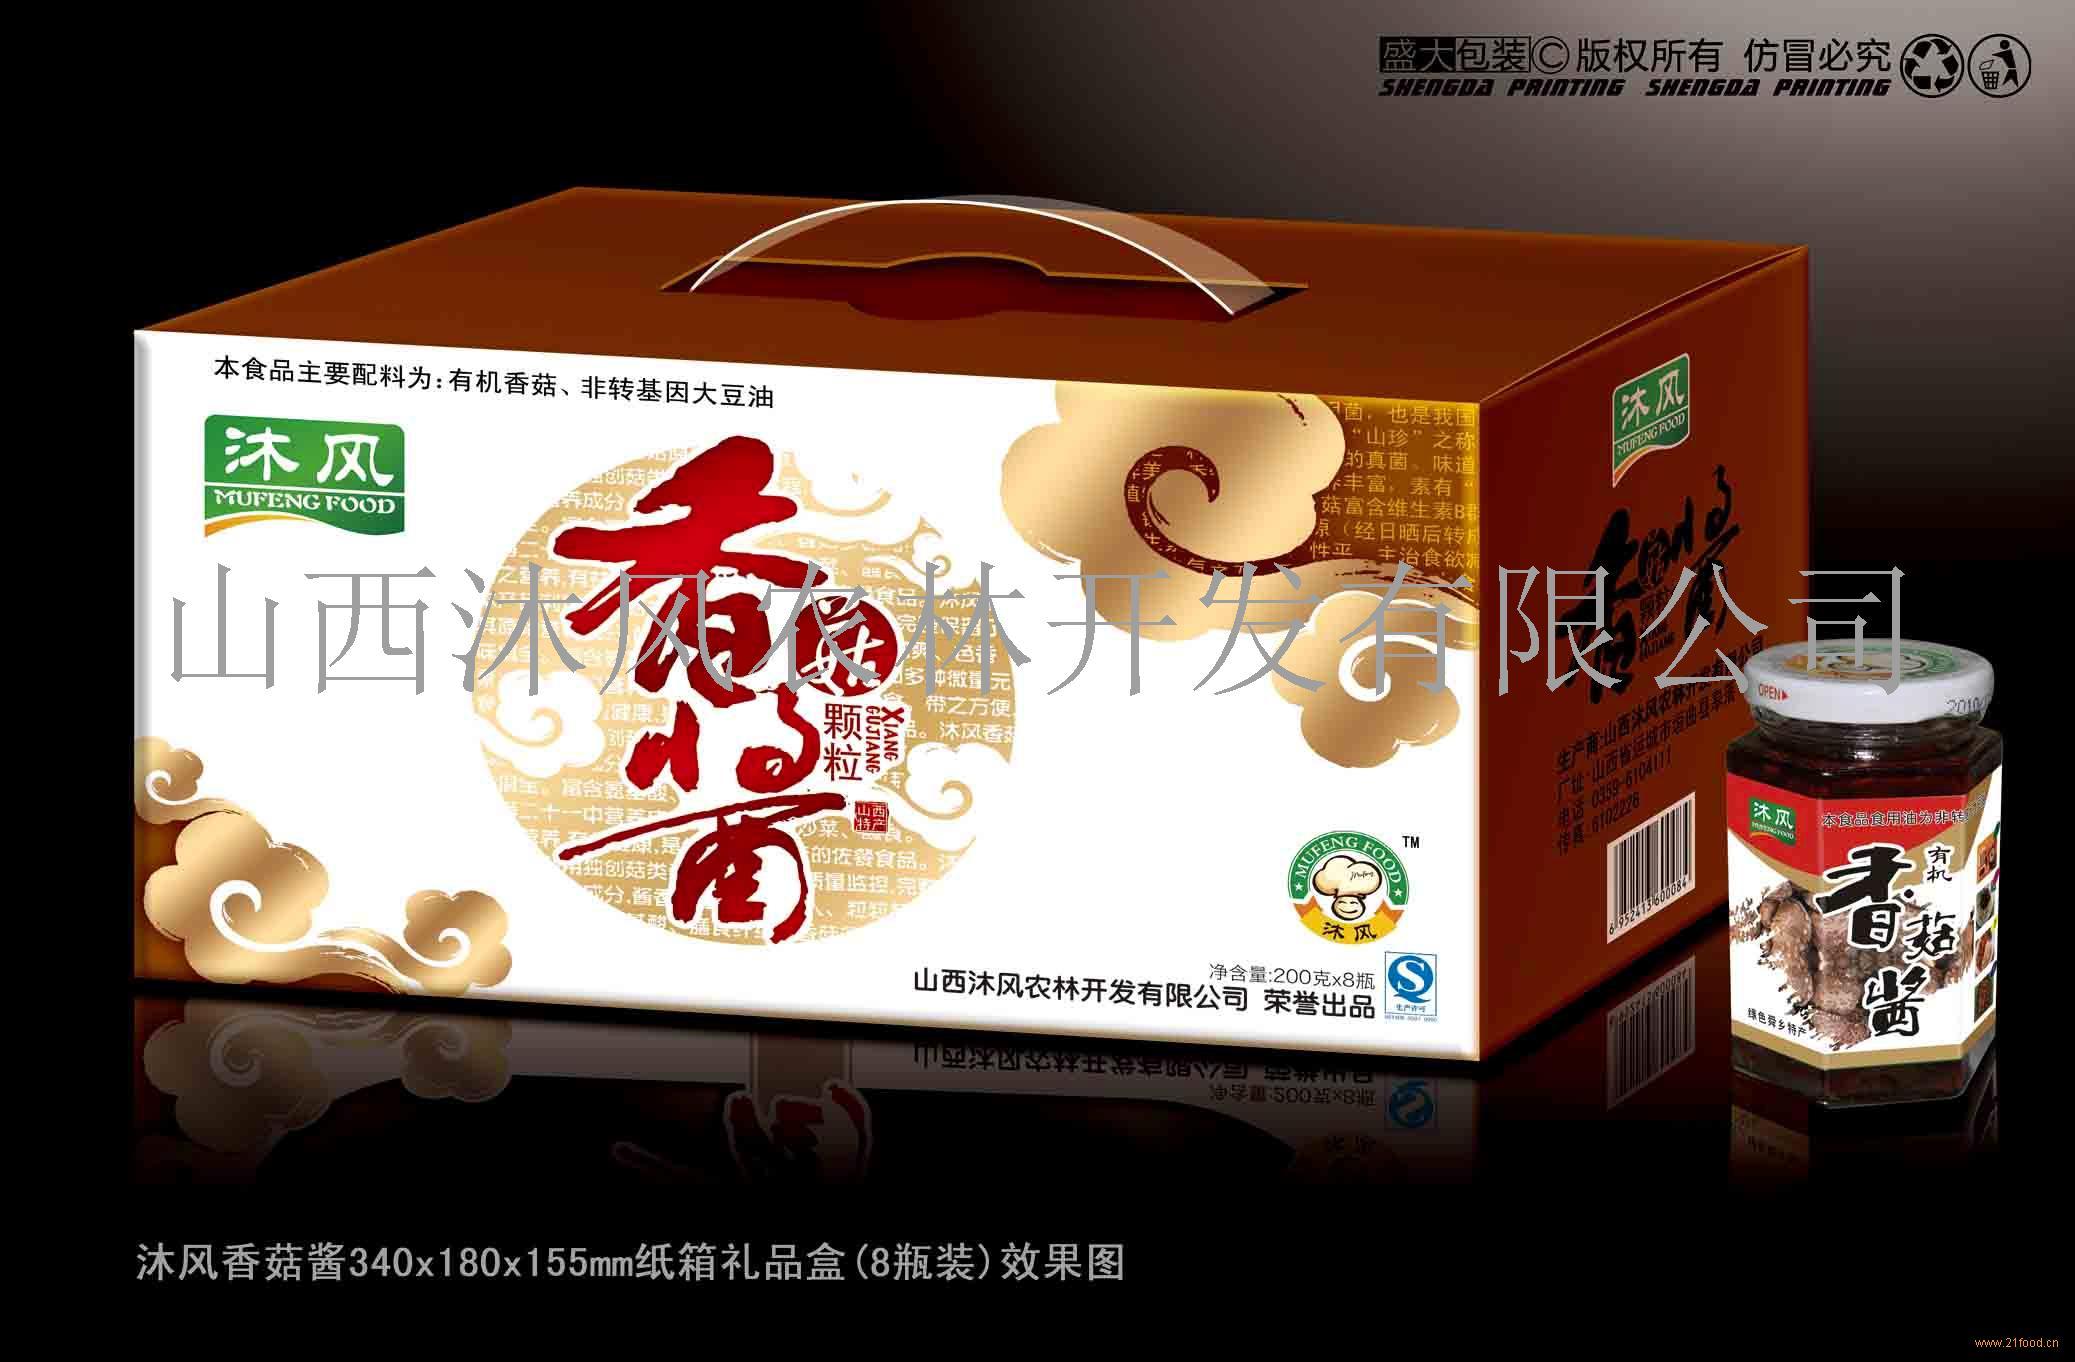 沐风香菇颗粒酱(礼盒1*8)